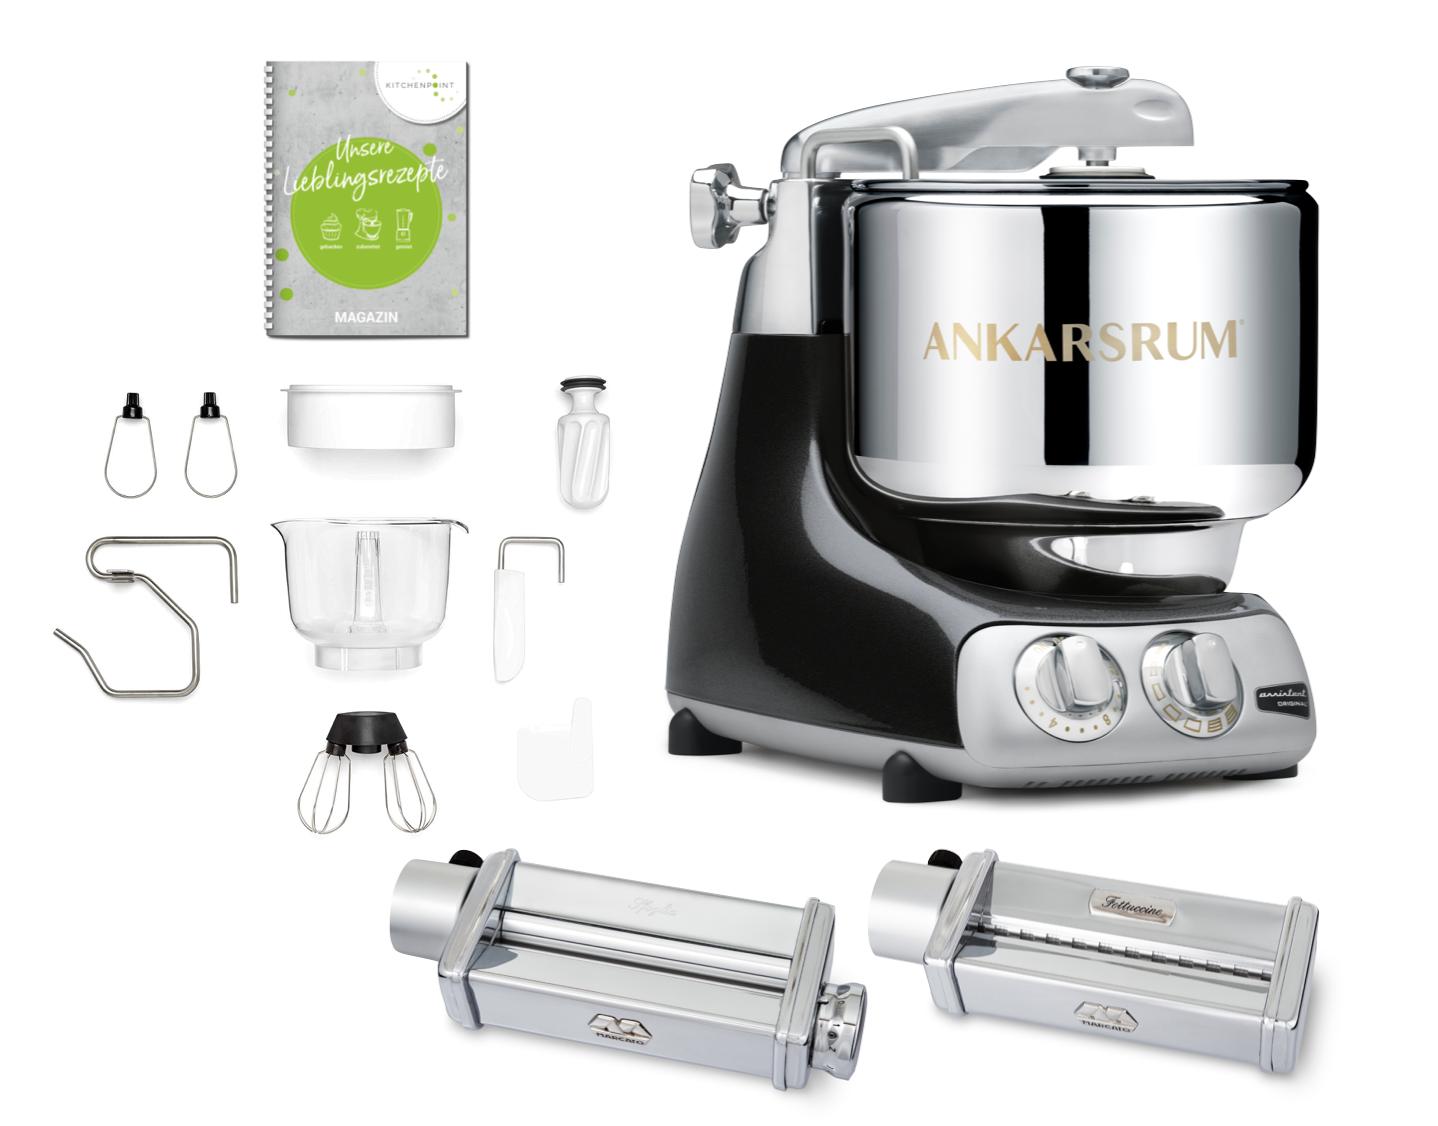 Ankarsrum Küchenmaschine Assistent Black Diamond - Pasta Set